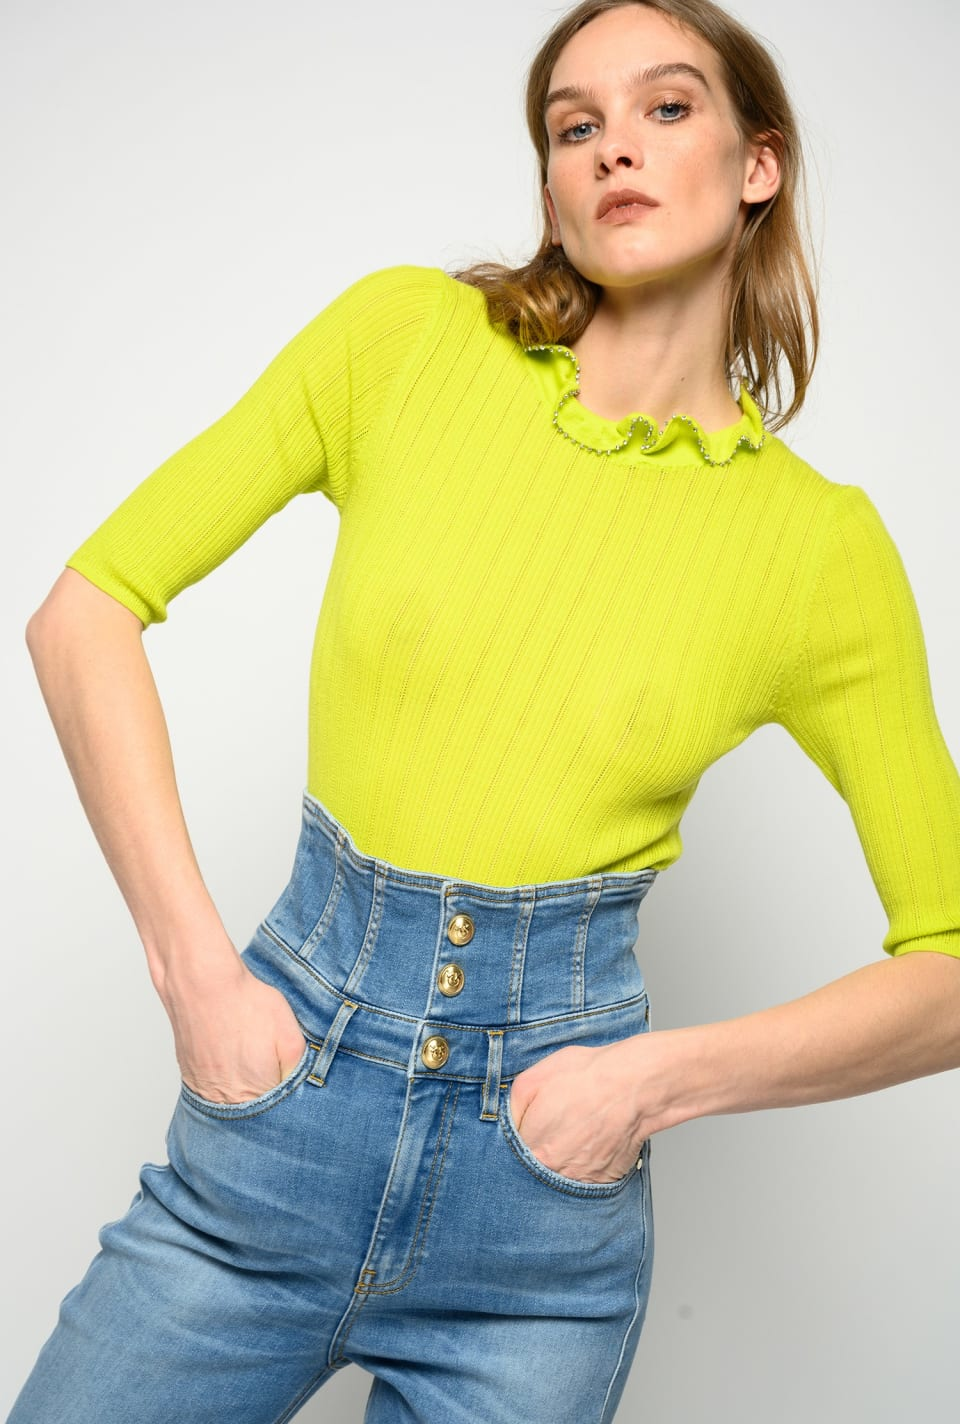 Pullover mit Rüschenkragen und Strass - Pinko